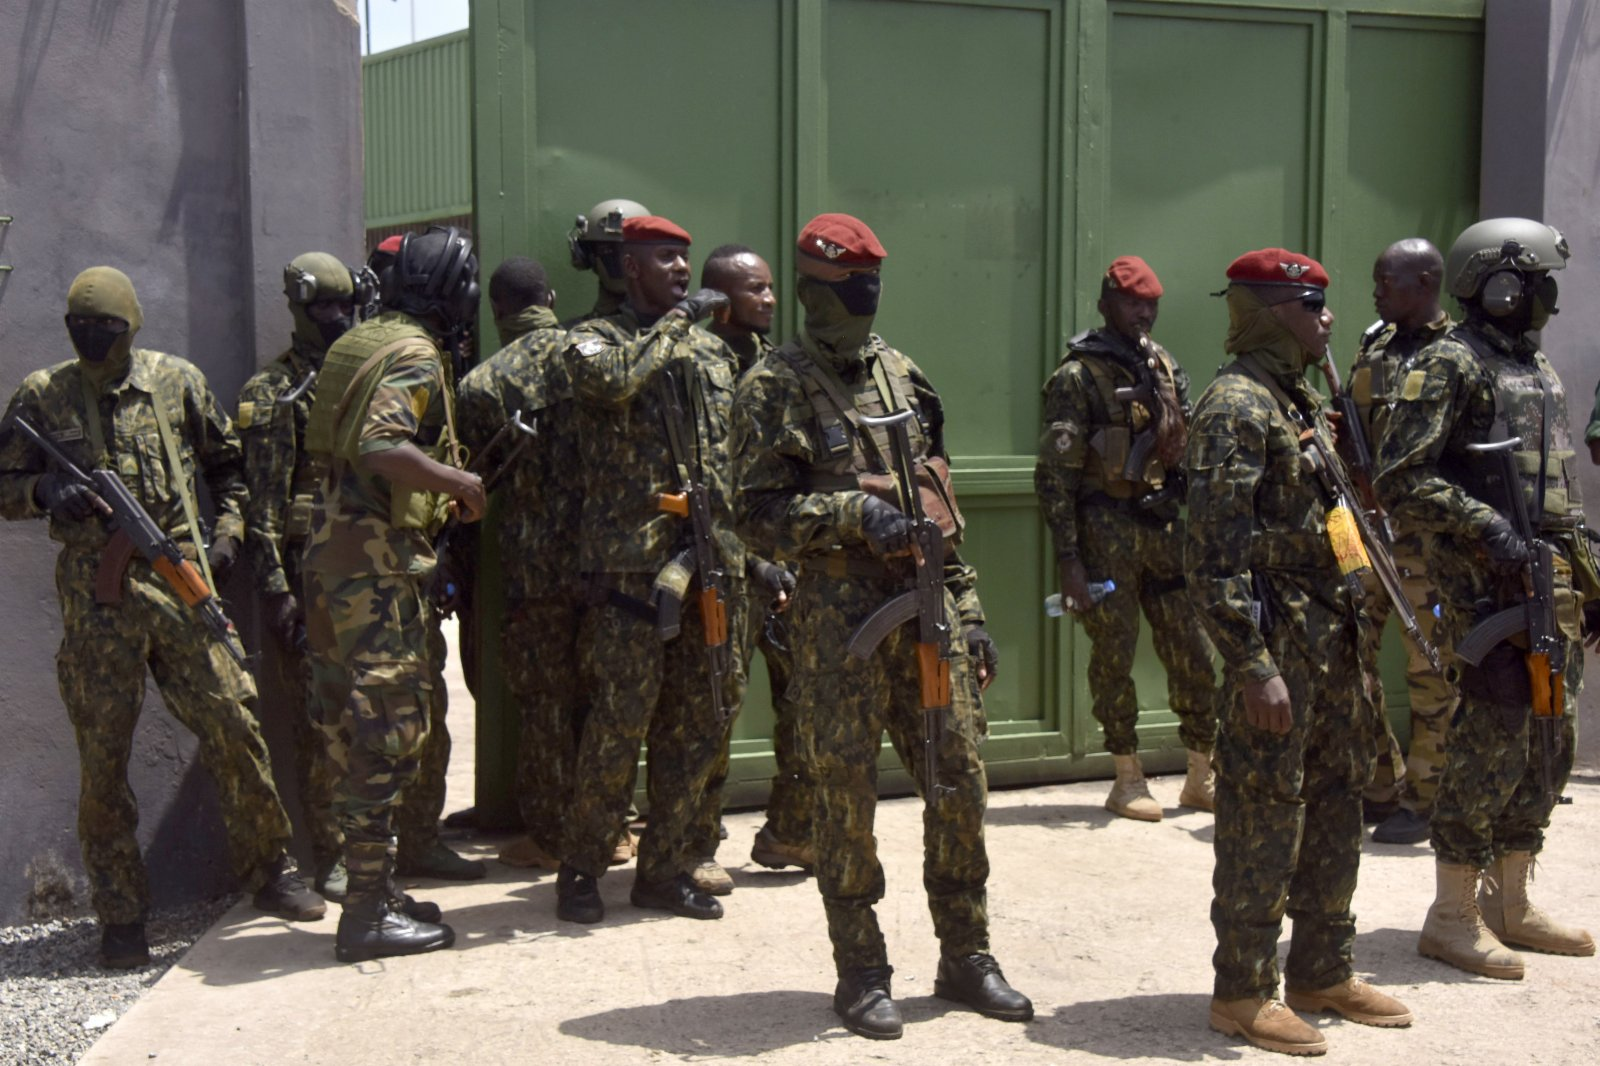 這是9月6日在幾內亞科納克里人民宮外拍攝的政變軍隊。新華社